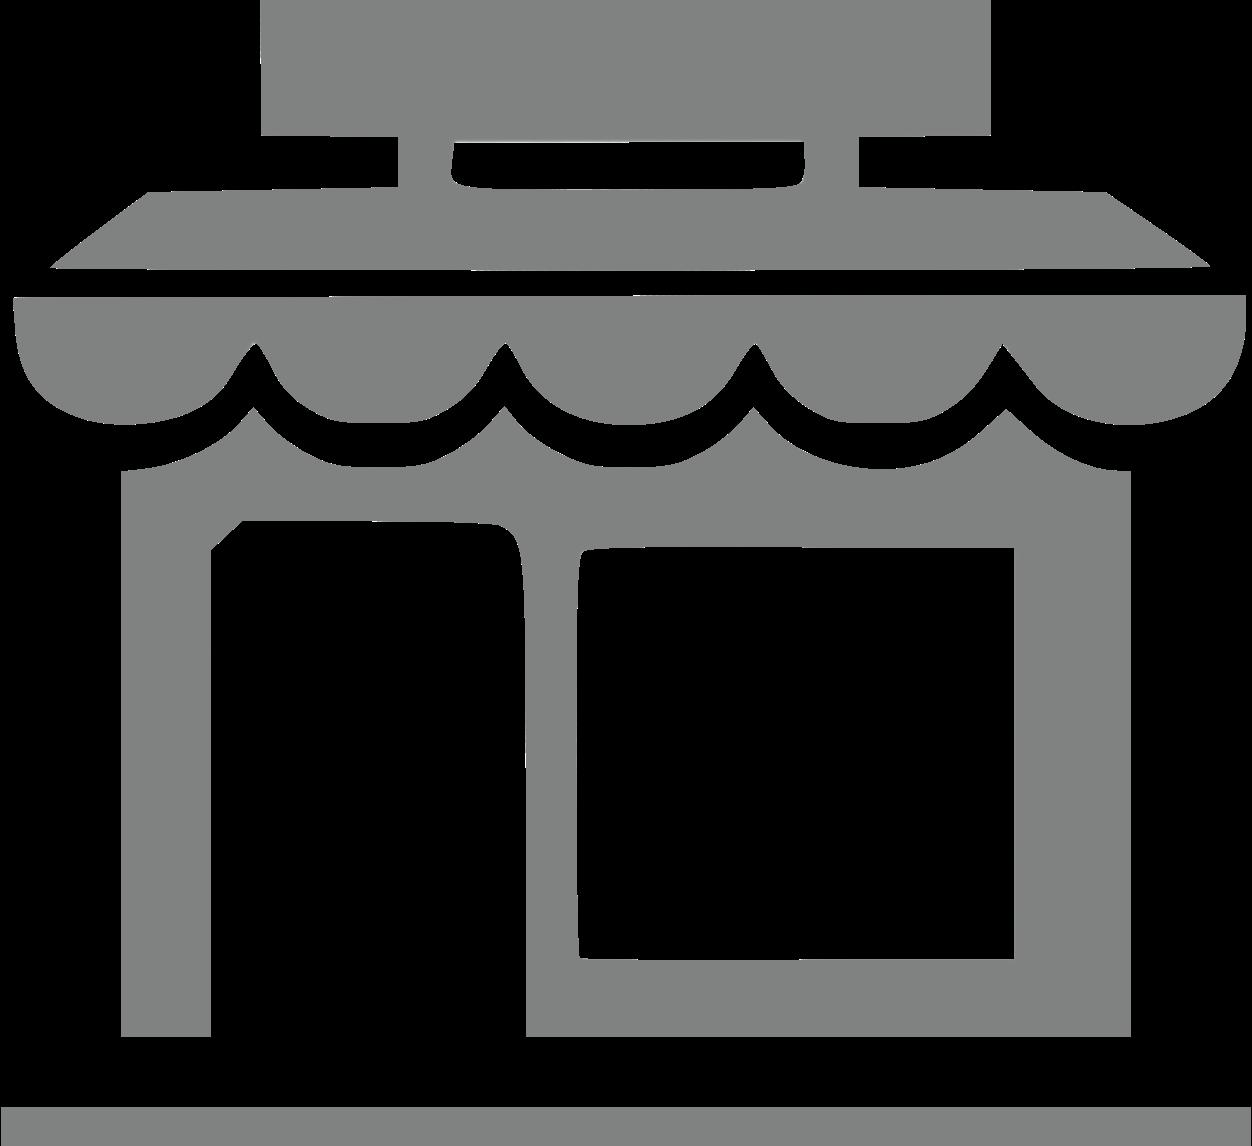 Store Logo Transparent